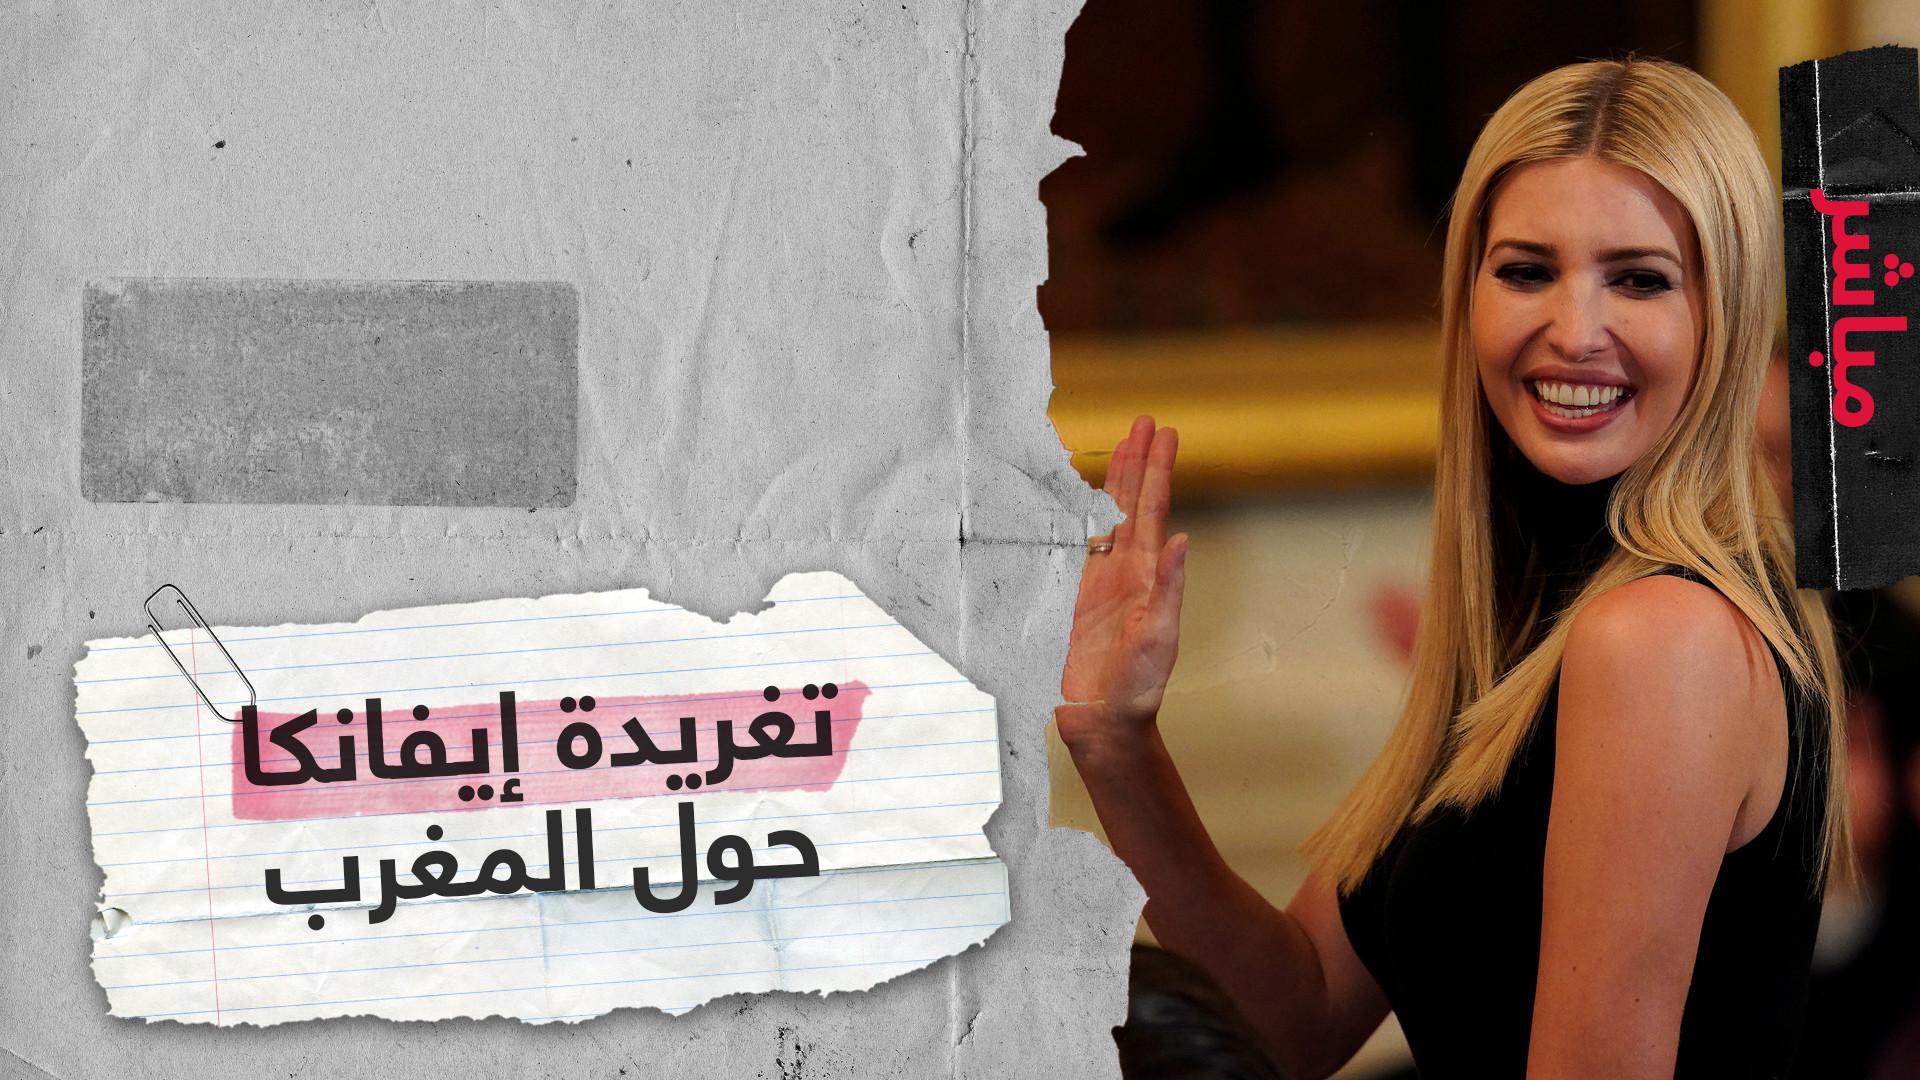 """إيفانكا ترامب تغرد عن إرث المرأة المغربية.. والمغاربة """"آخر من يعرف بقانون الأراضي القبلية"""